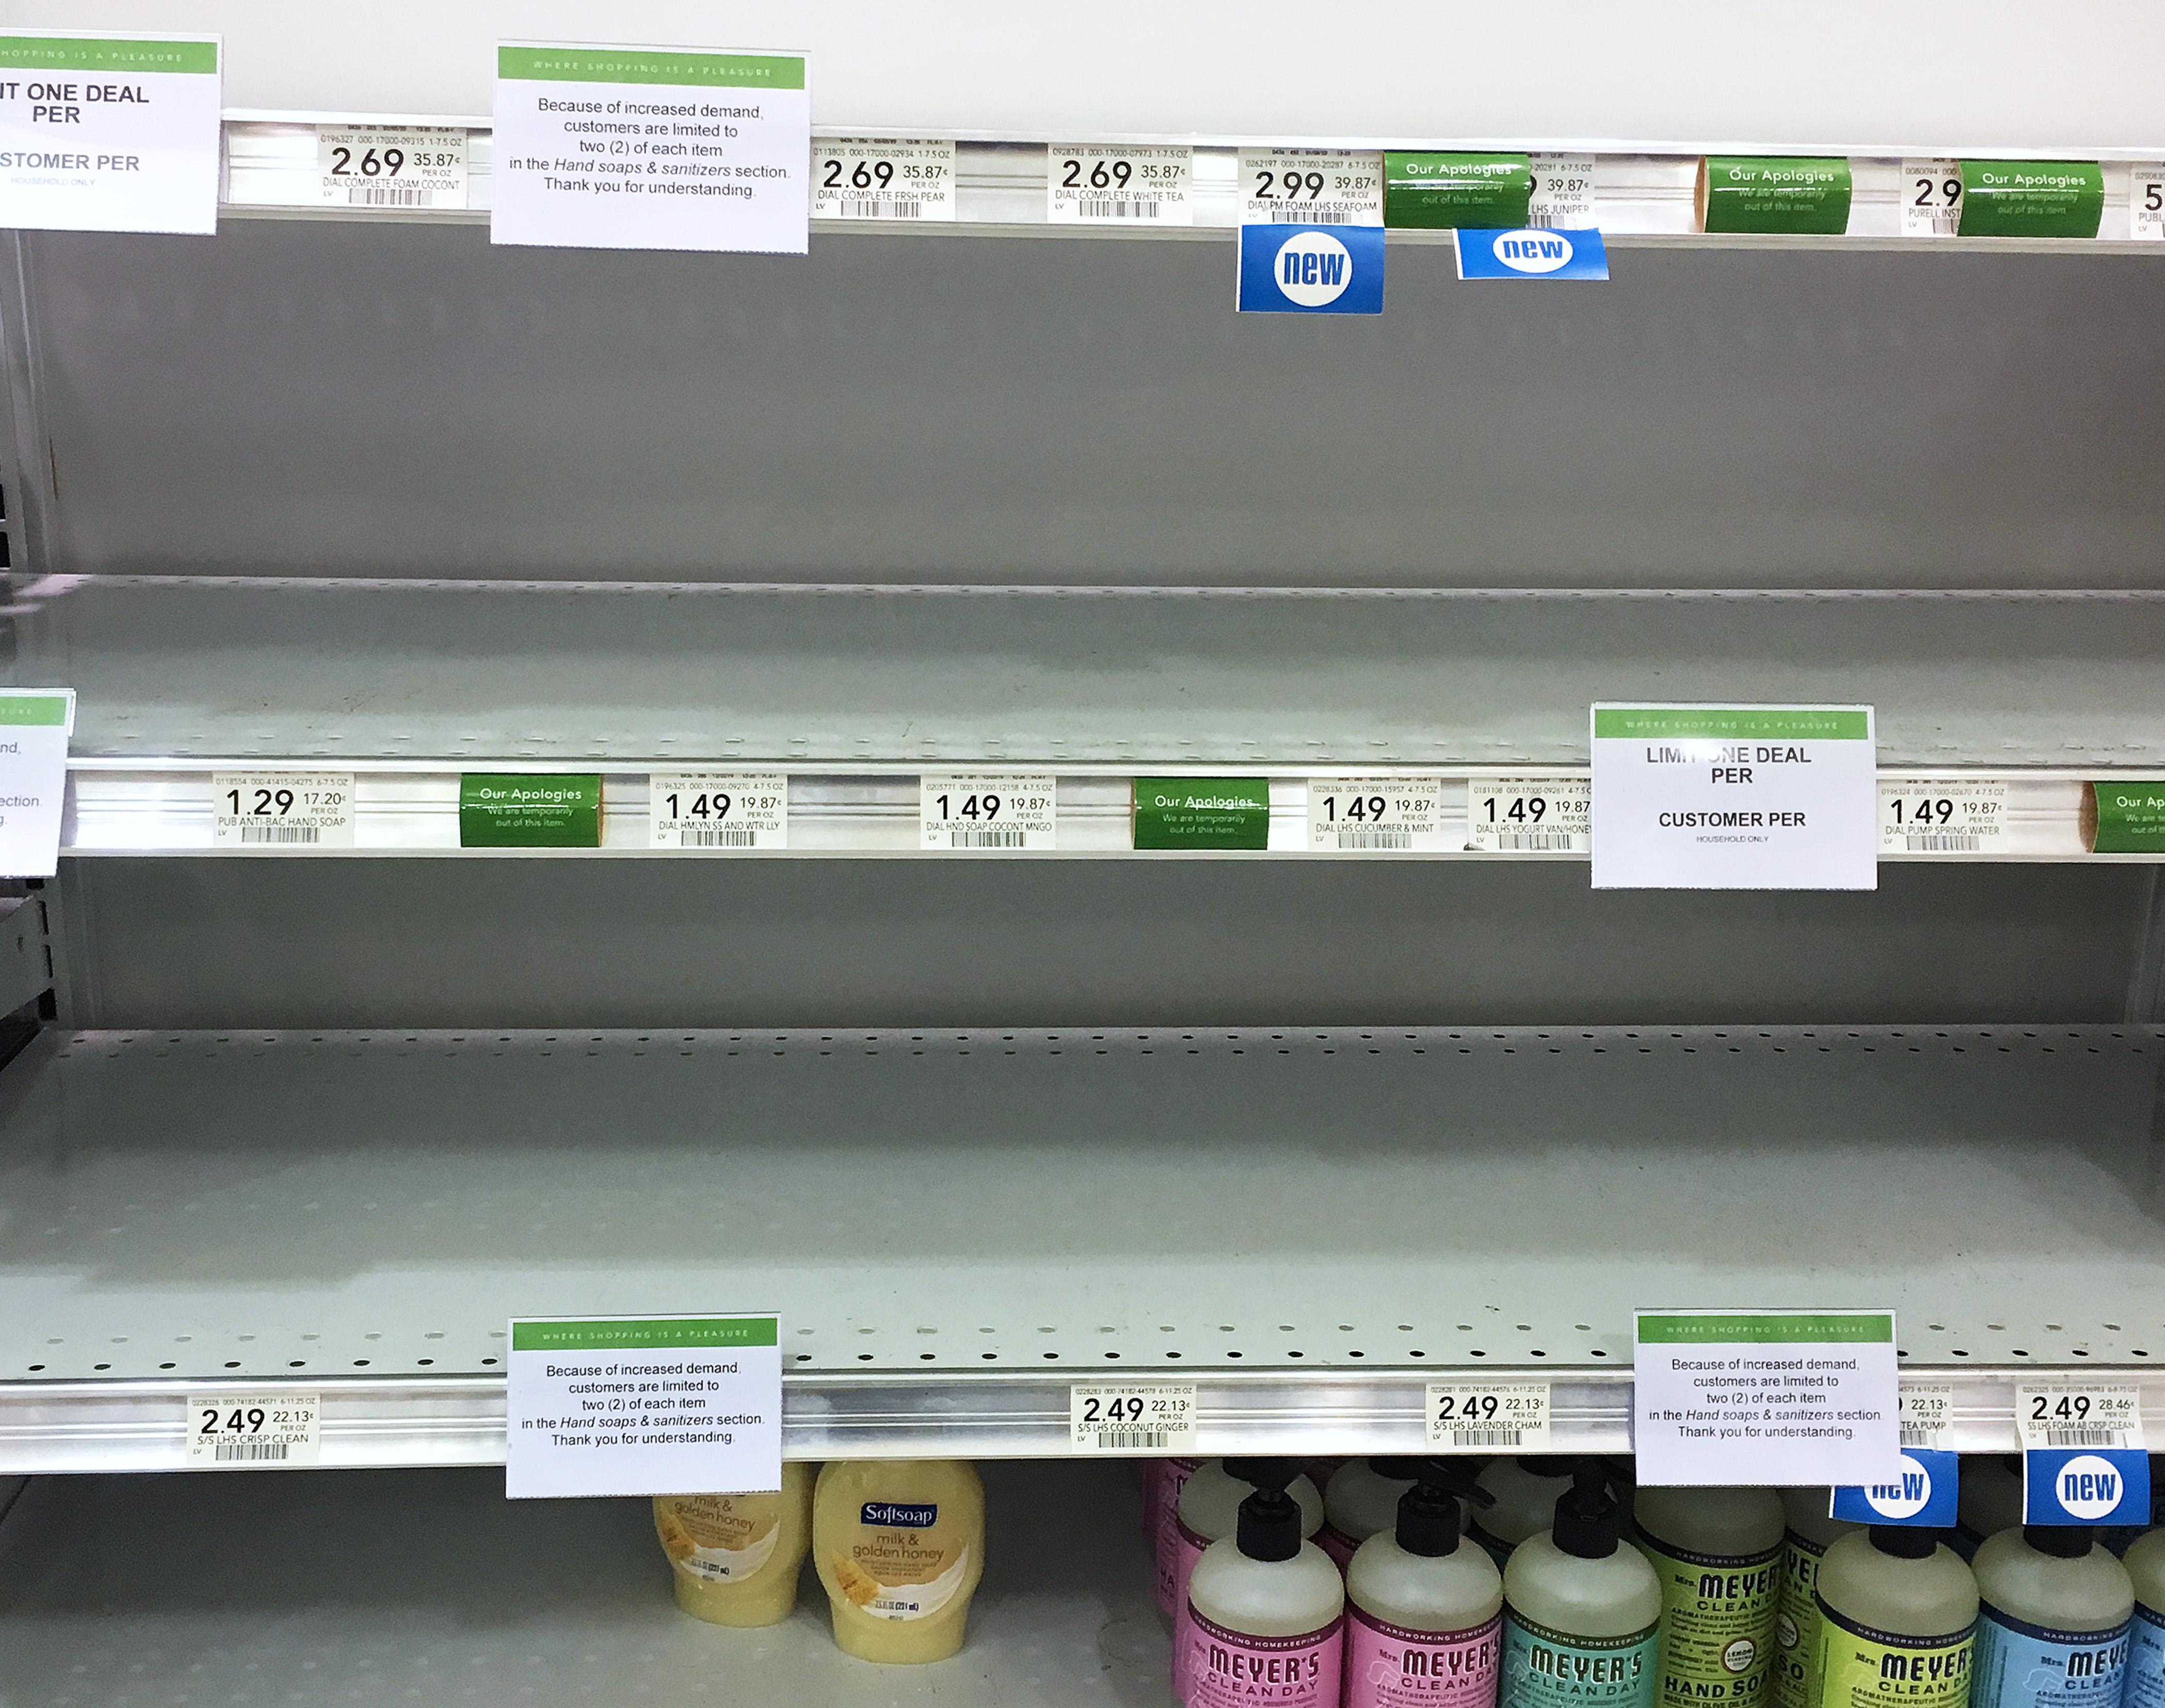 Publix supermarkets empty